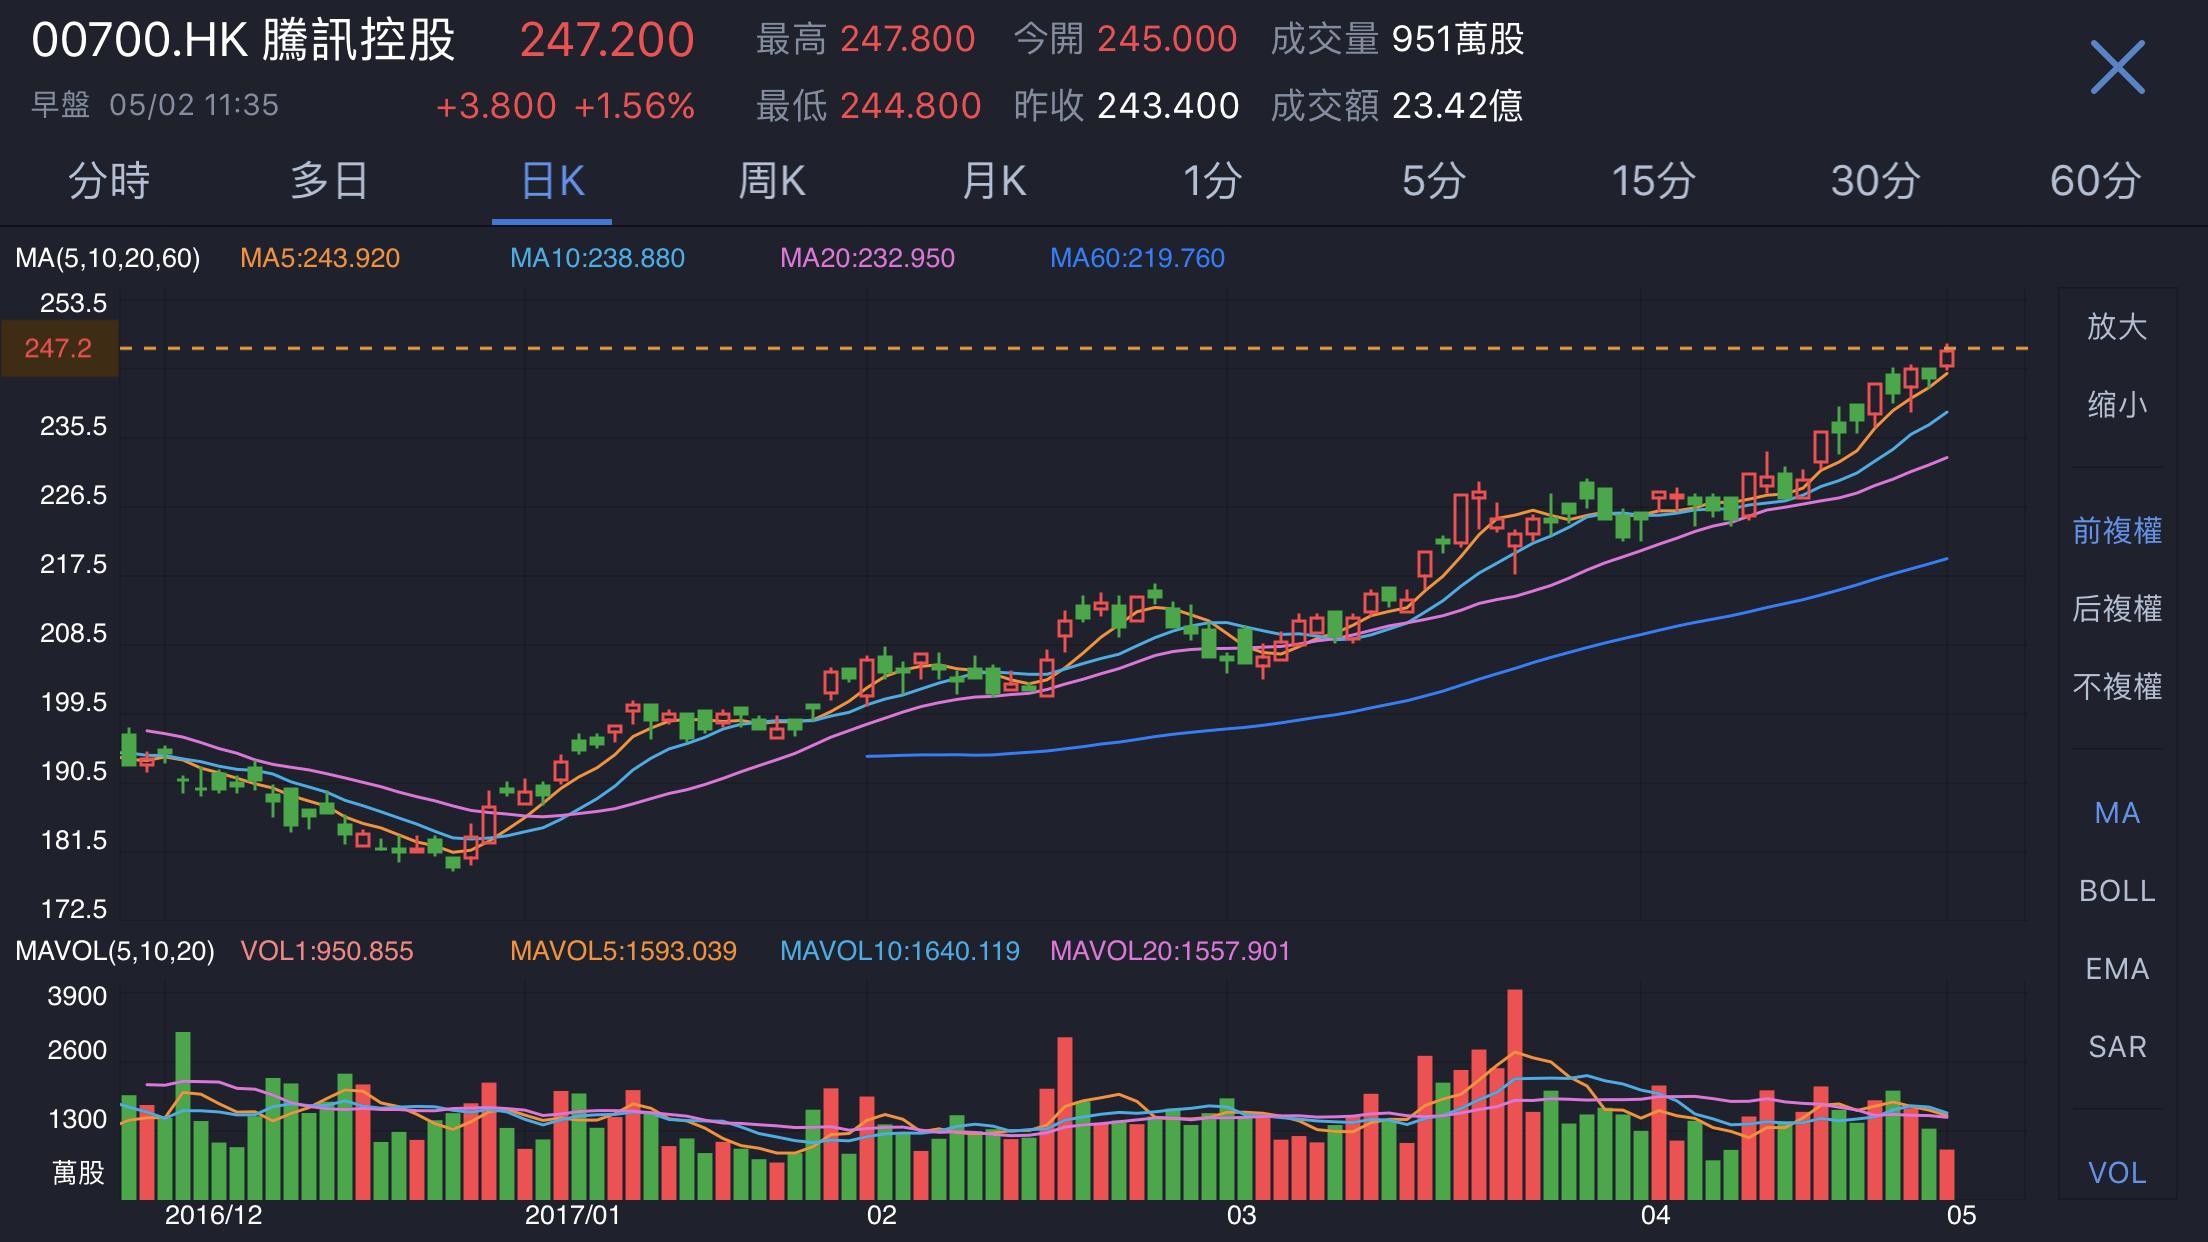 腾讯股价连续第9日创新高 市值突破3000亿美元 - 木买蚂蚁 - hfzhangping的博客